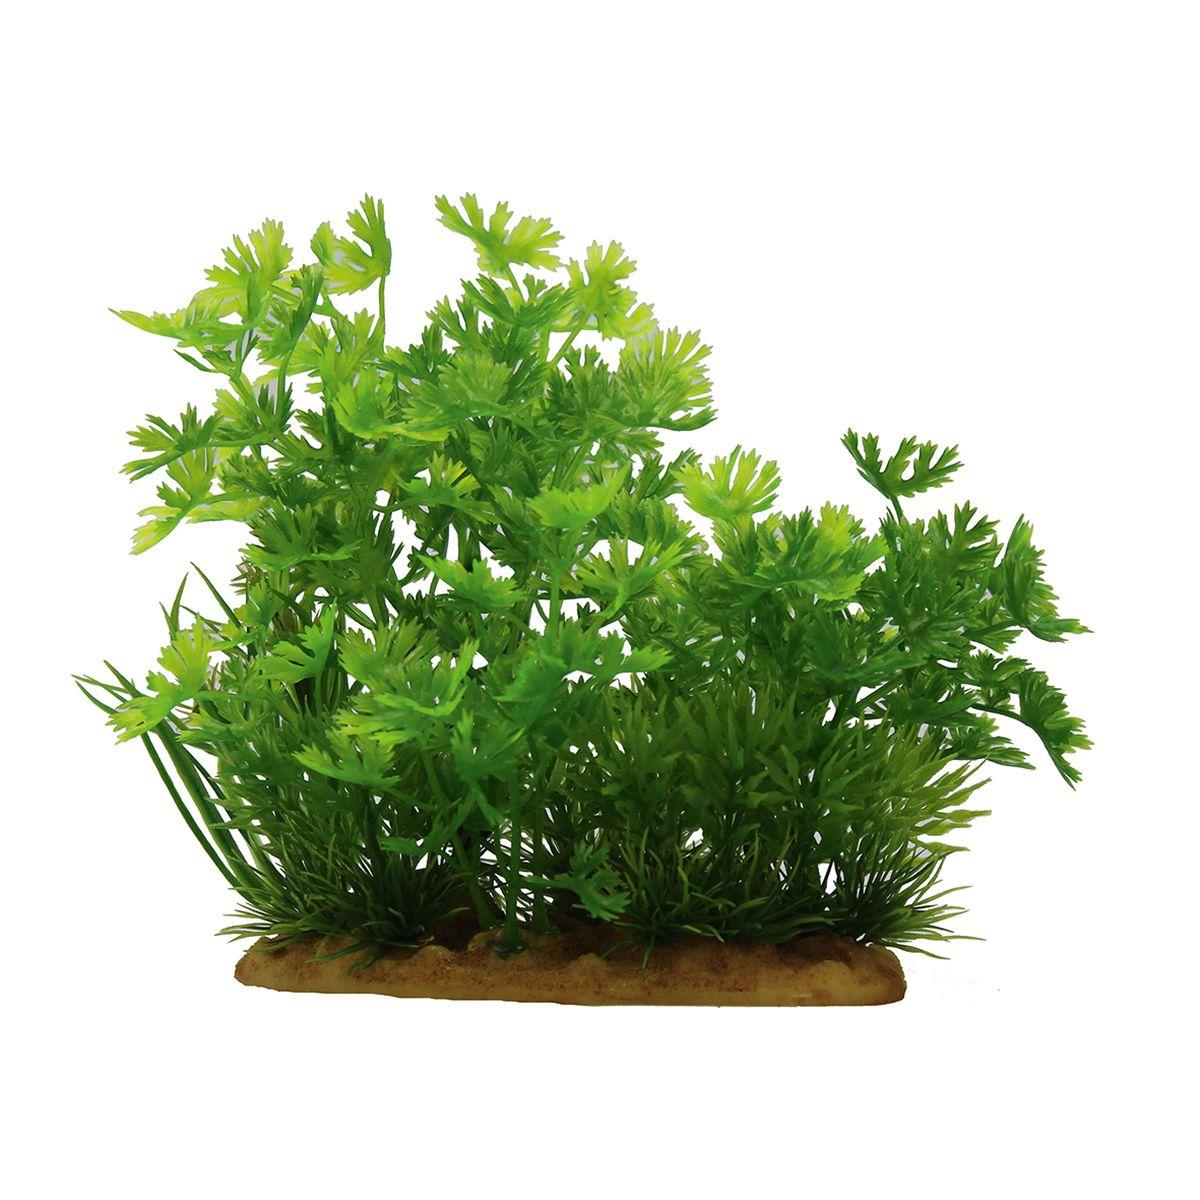 Растение для аквариума ArtUniq Лютик водный, высота 15 см. ART-11601020120710Композиция из искусственных растений ArtUniq превосходно украсит и оживит аквариум.Растения - это важная часть любой композиции, они помогут вдохнуть жизнь в ландшафт любого аквариума или террариума. А их сходствос природными порадует даже самых взыскательных ценителей.